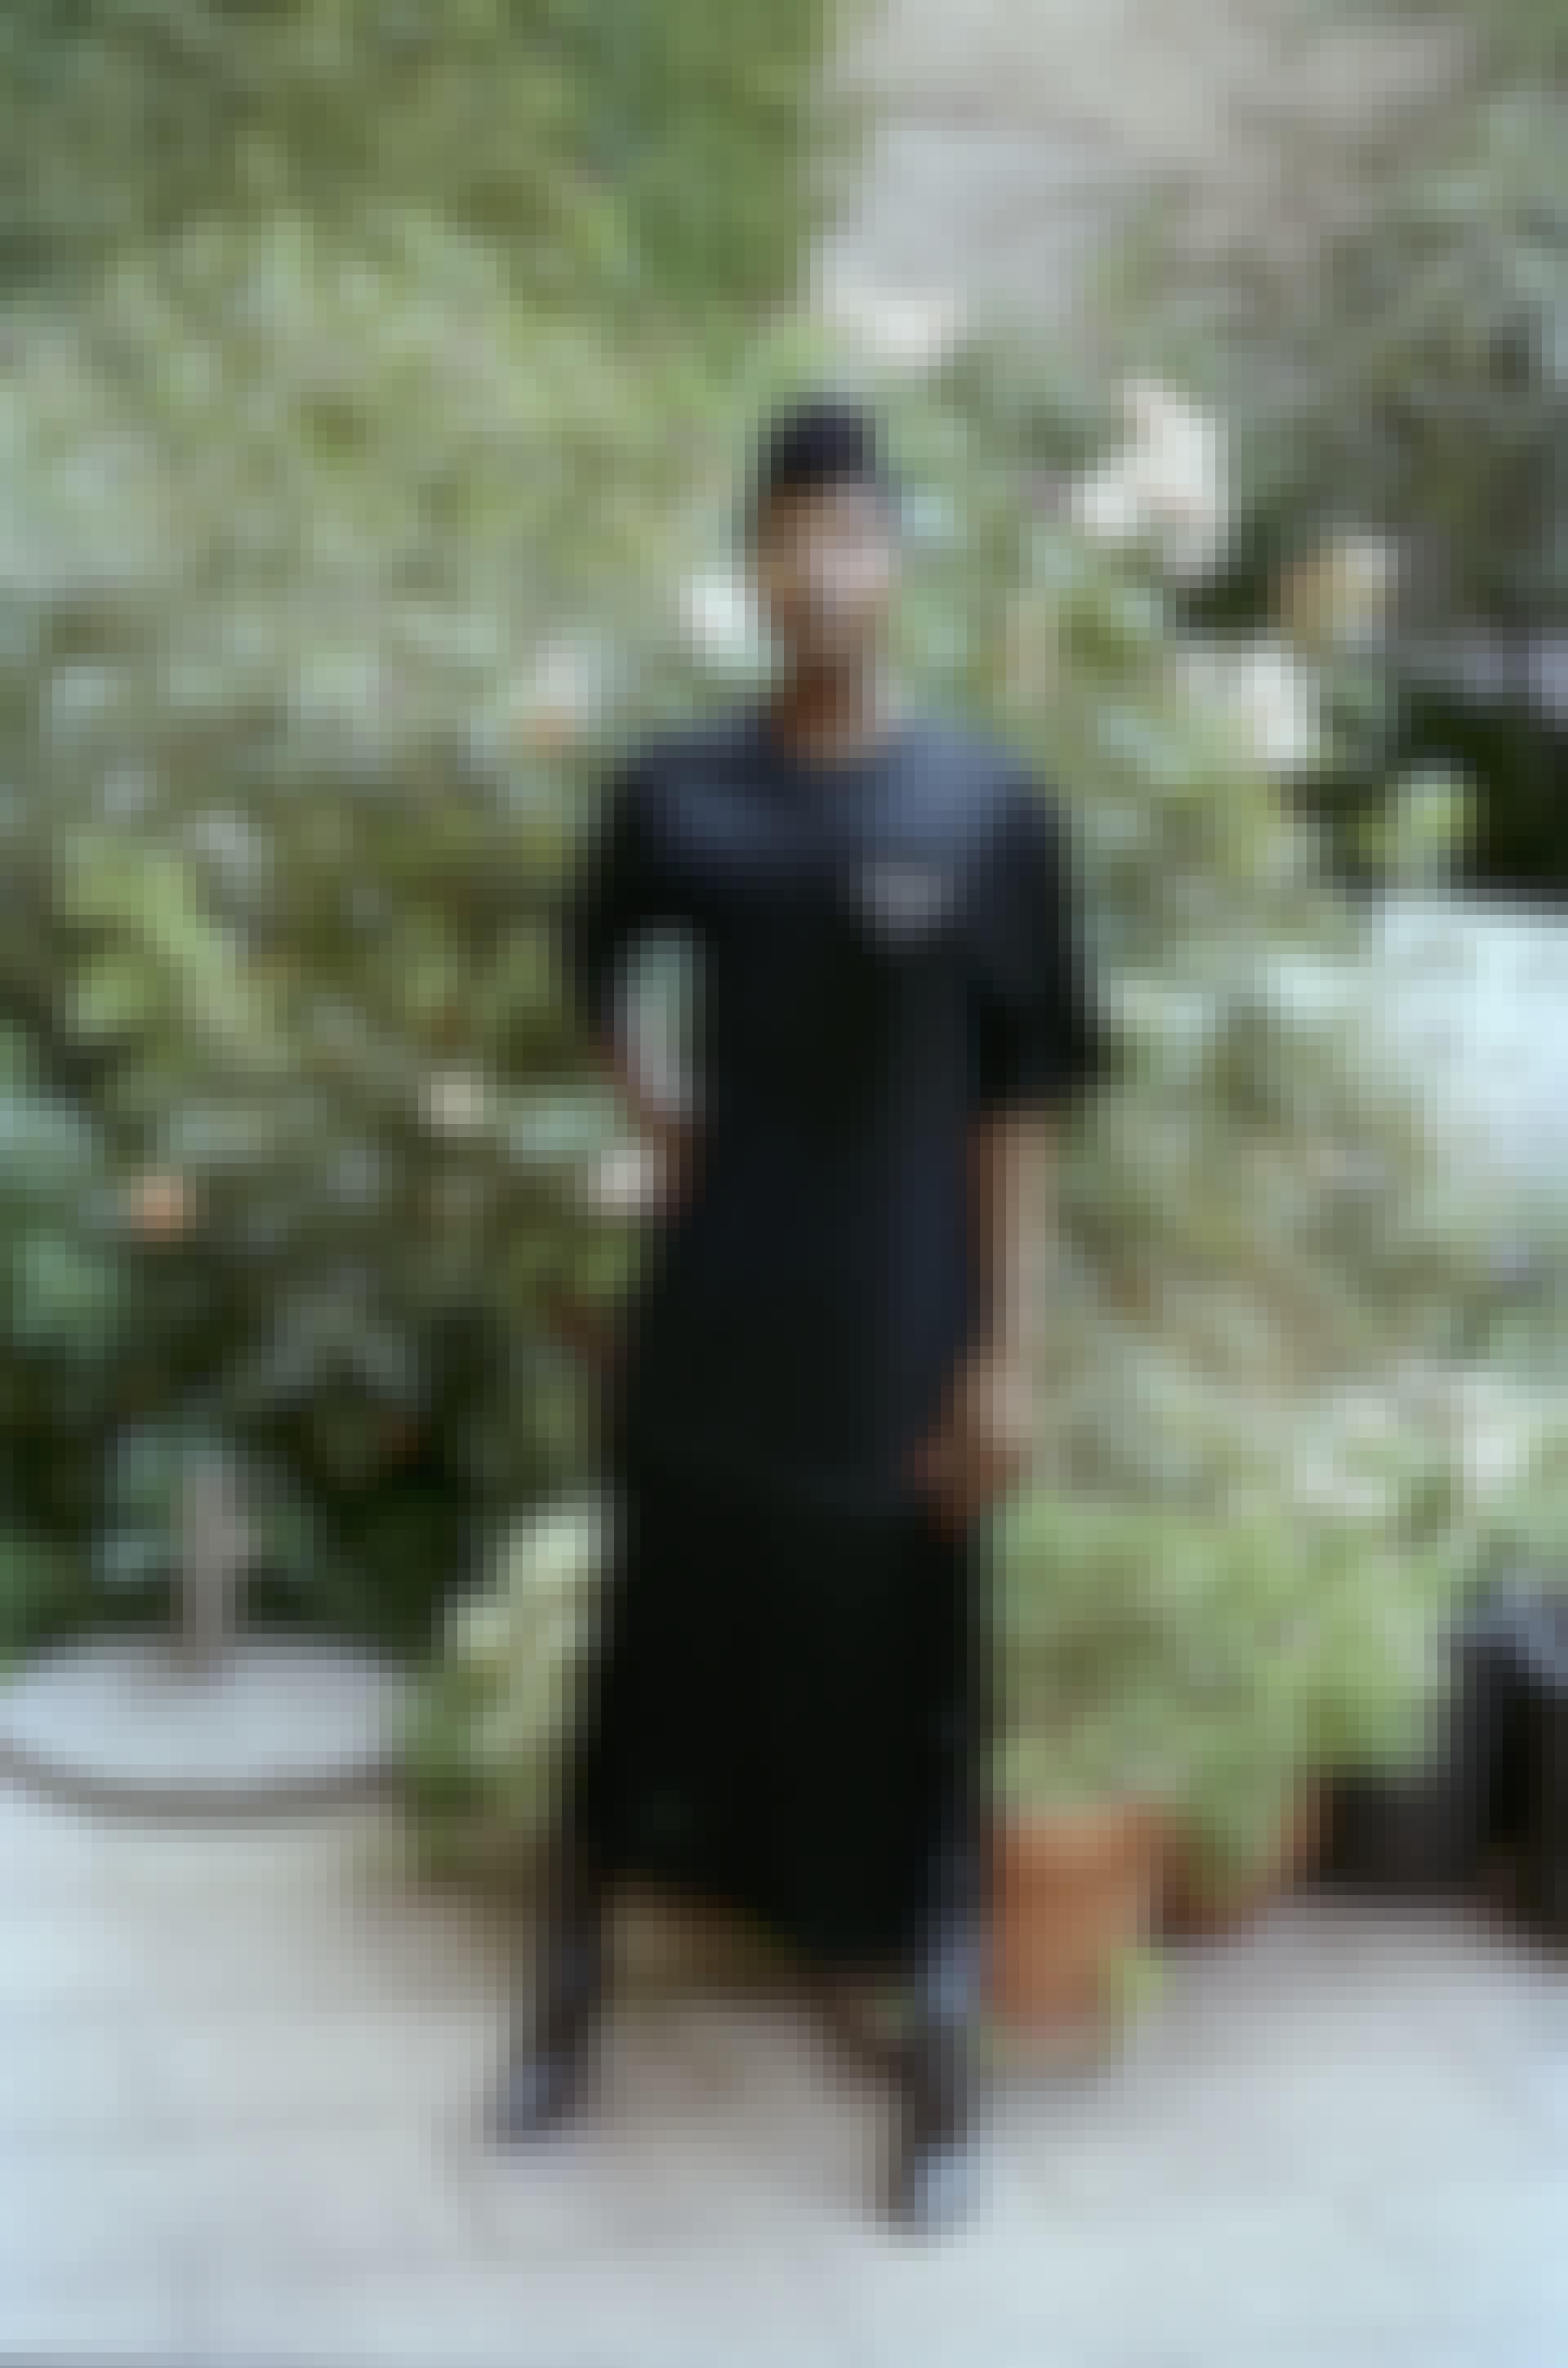 COS_2011_FINAL_RWK-Costume-Moeisha-01_aRGB_High_02